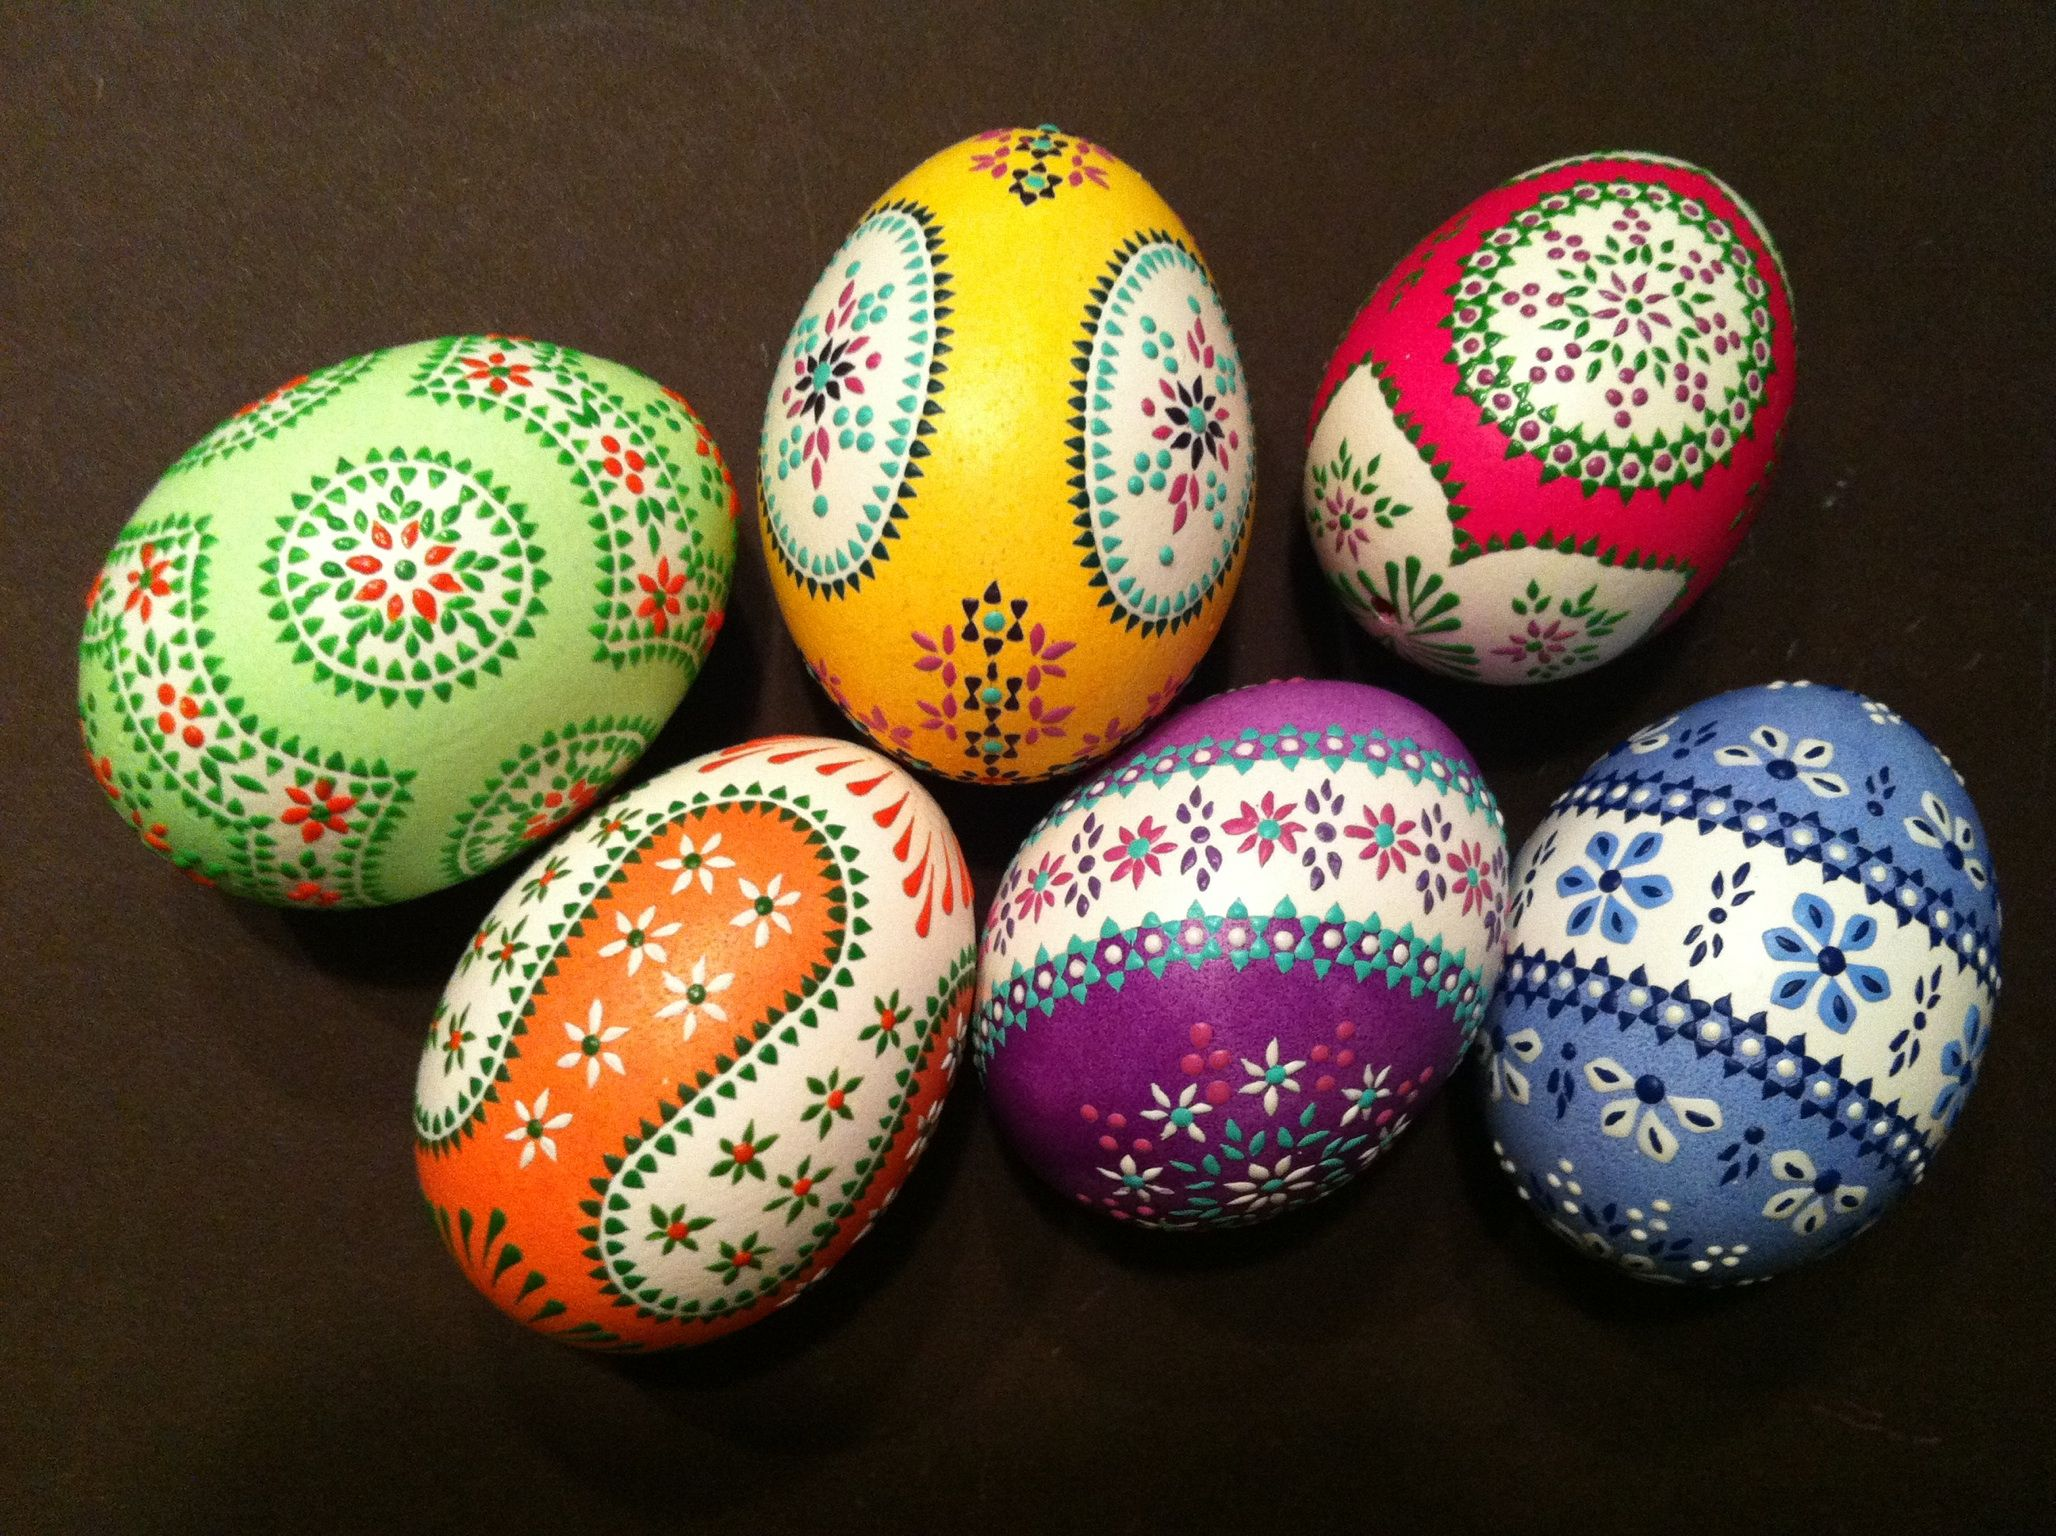 sorbische ostereier sorbian easter eggs pascoa pinterest ostereier ostern und eier. Black Bedroom Furniture Sets. Home Design Ideas